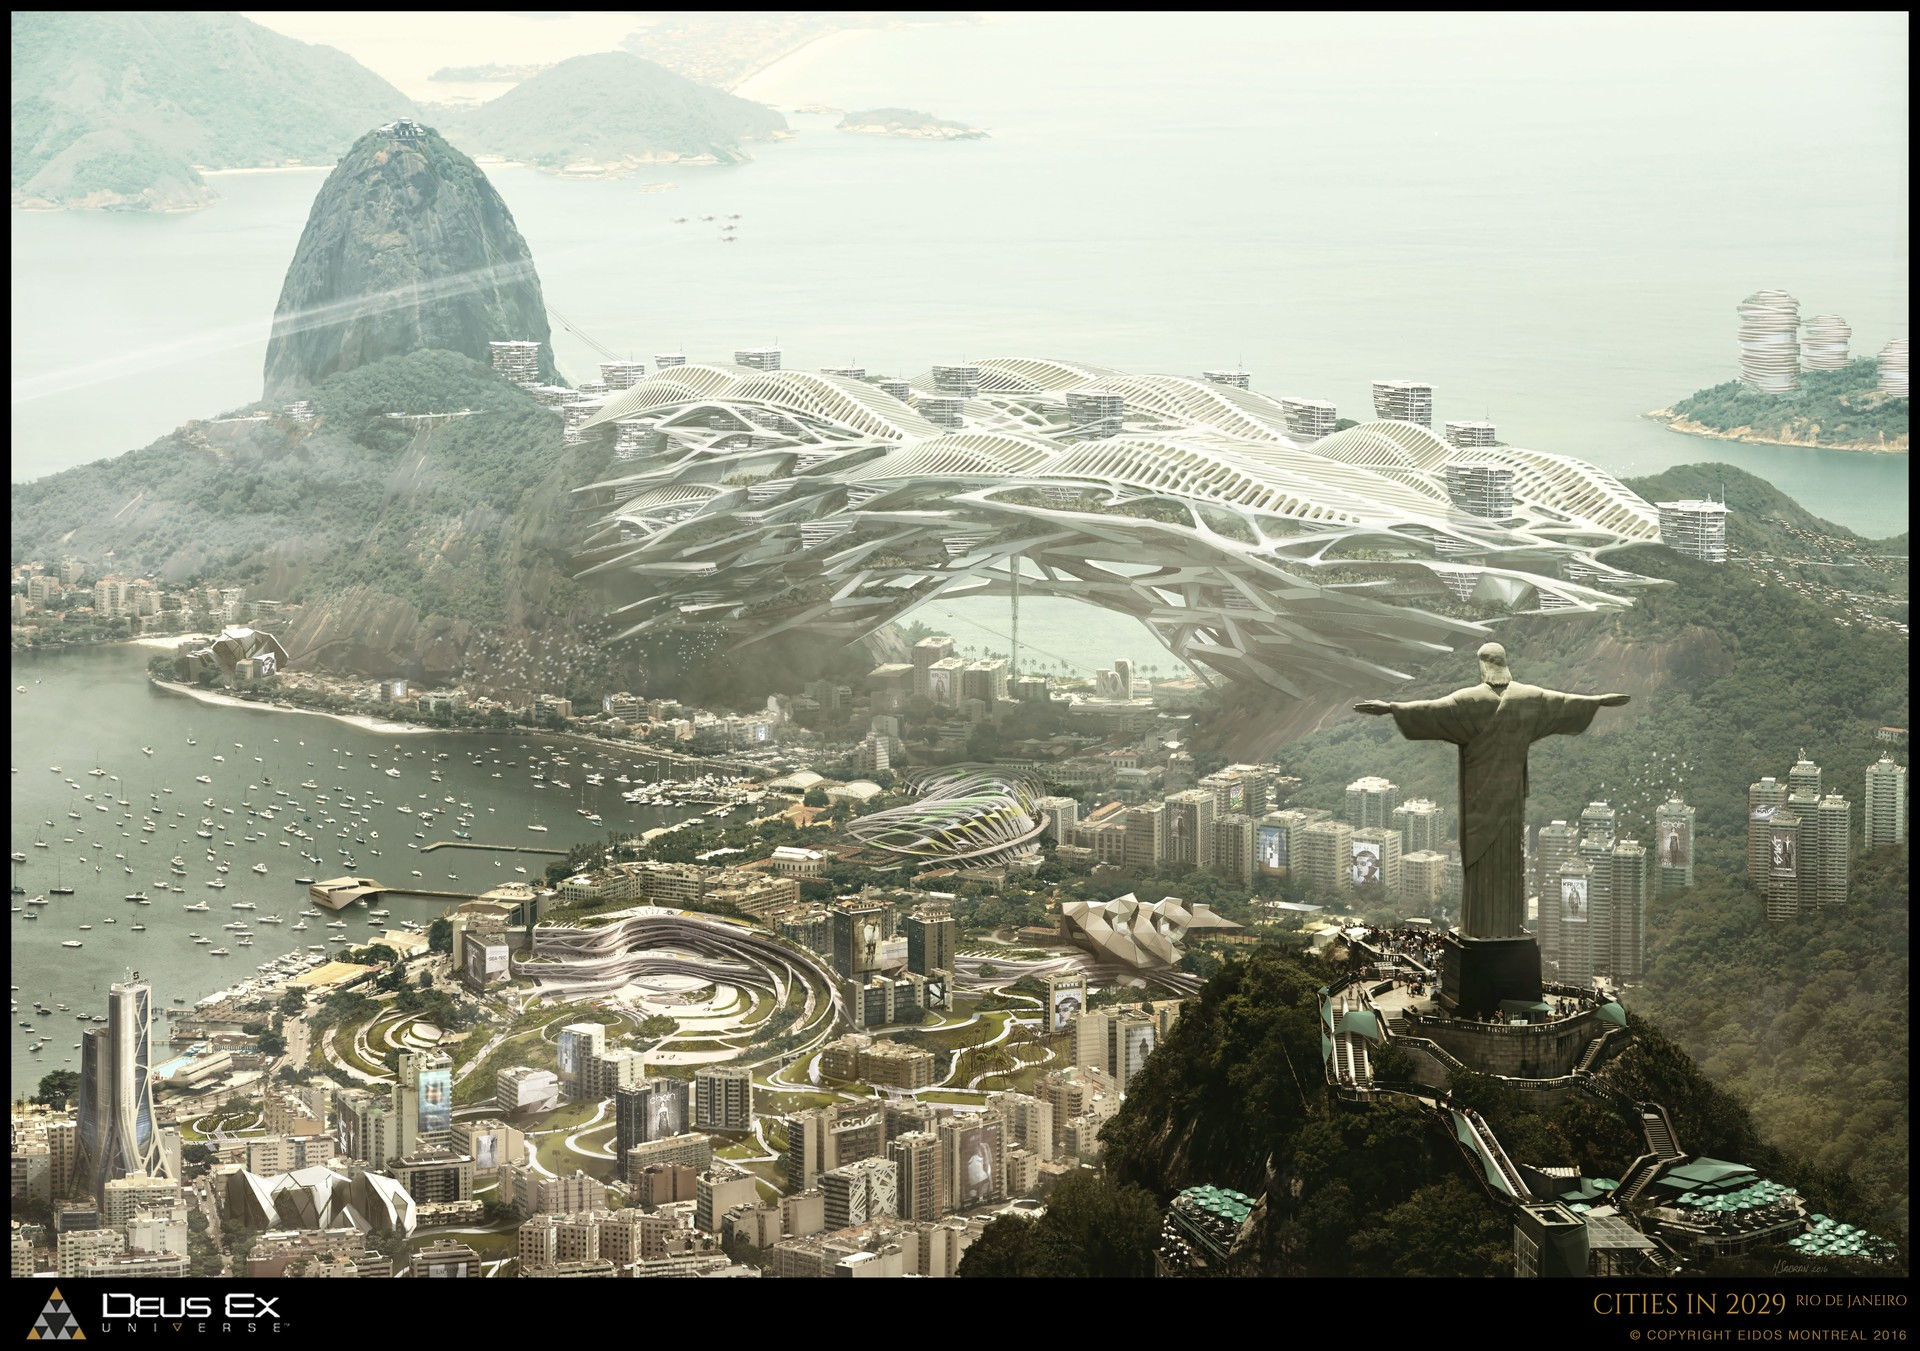 Rio de Janeiro, Concept Cities of 2029 / promo DXMD.